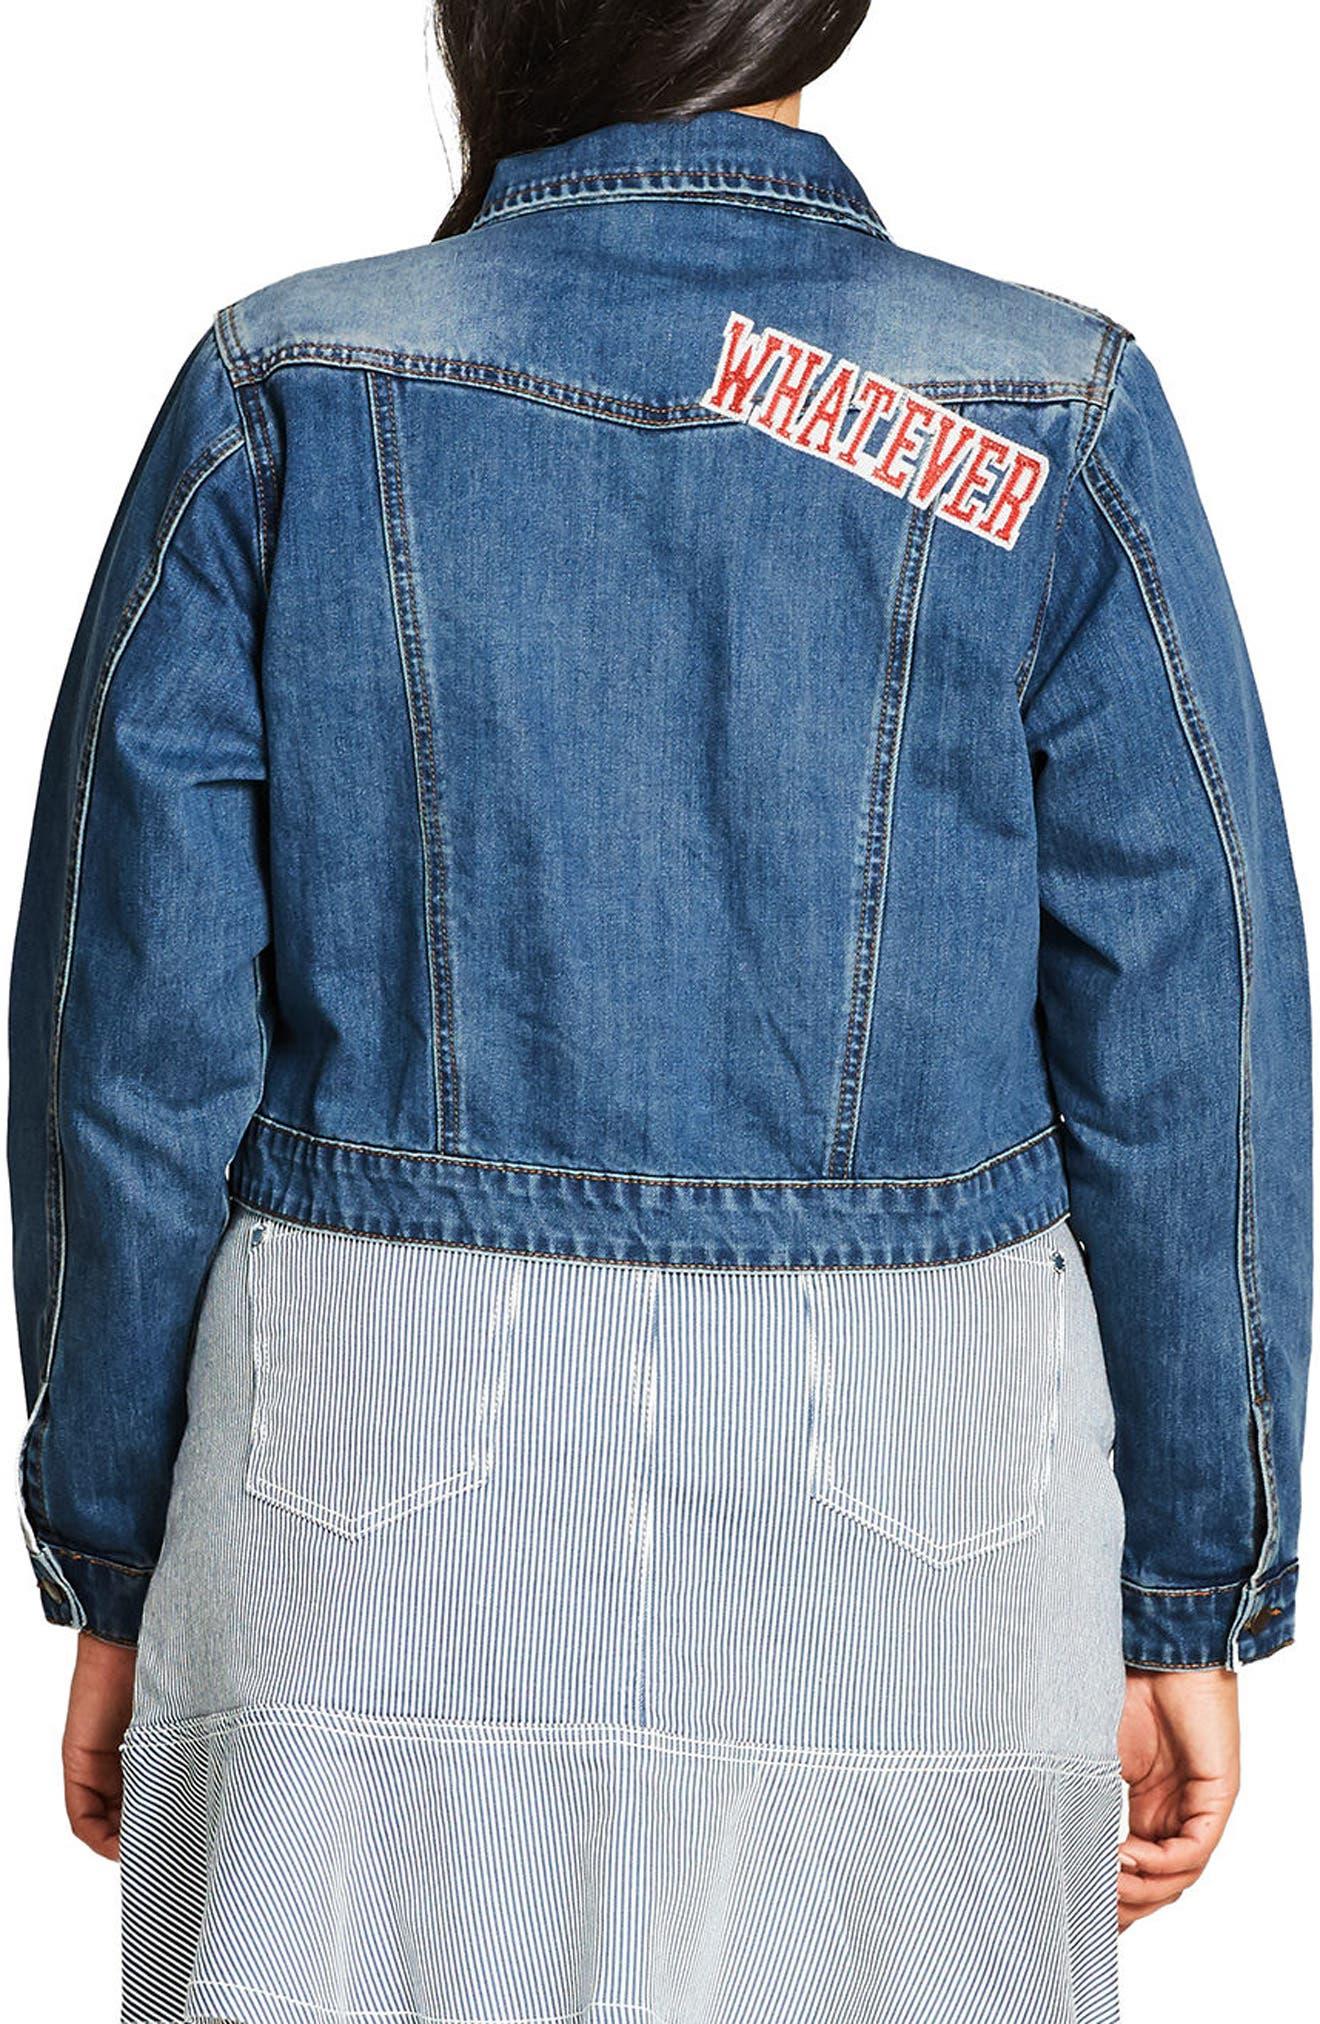 '80s Patch Denim Jacket,                             Alternate thumbnail 2, color,                             400